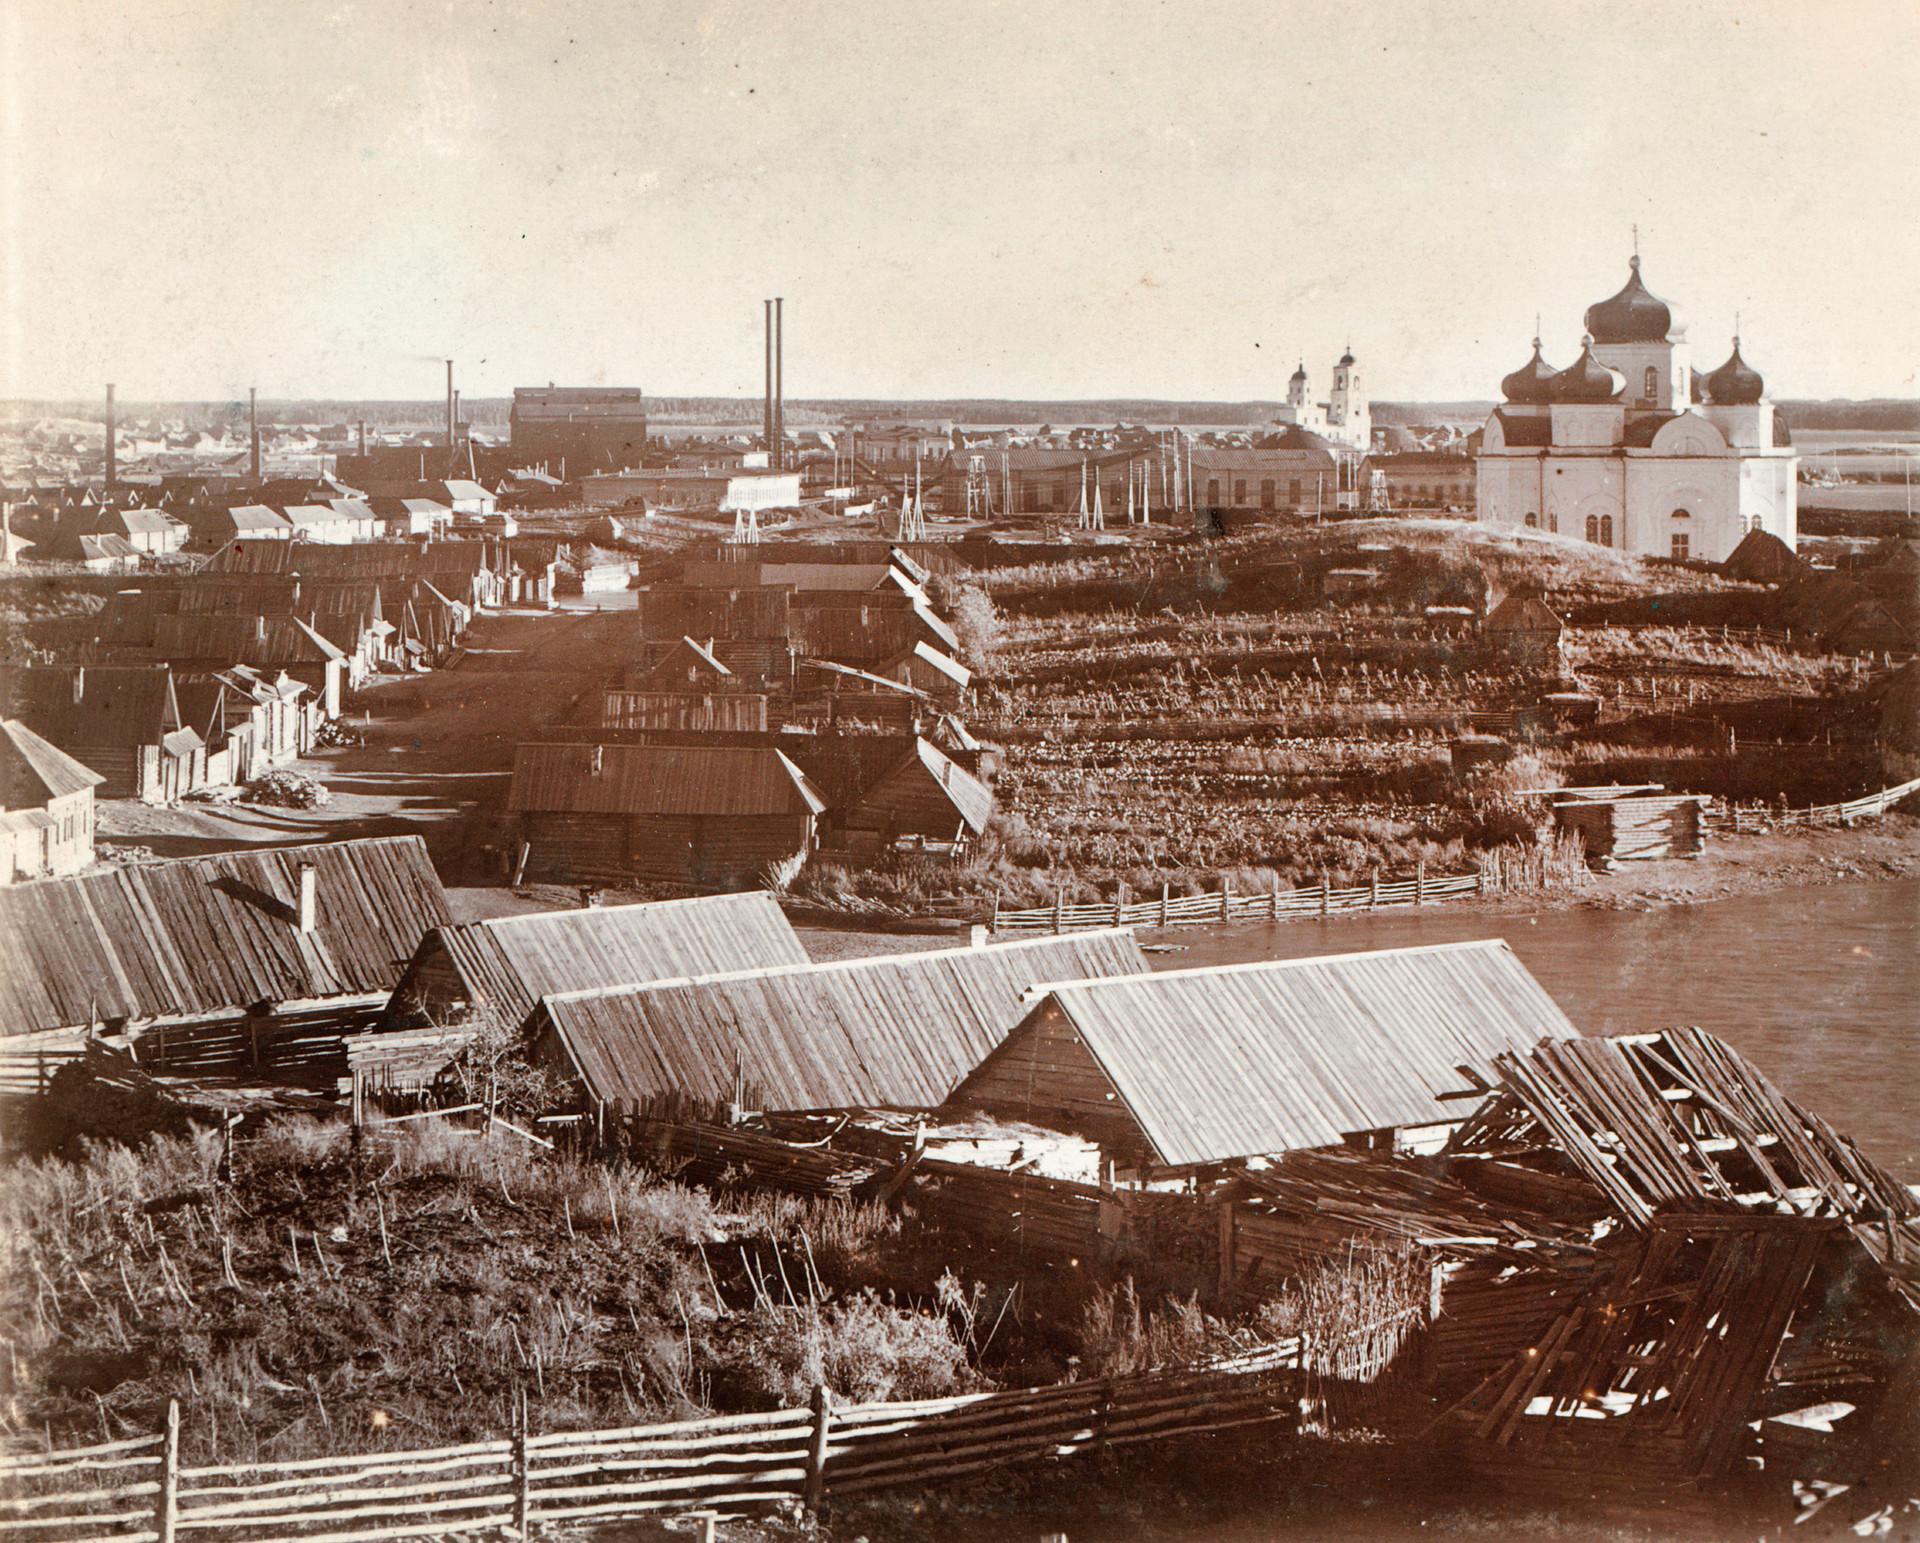 Pogled na delavske hiše in vrtne parcele. Ozadje: Kištimska tovarna (levo), cerkev Spusta Svetega Duha, Katedrala Jezusovega rojstva. 1909.